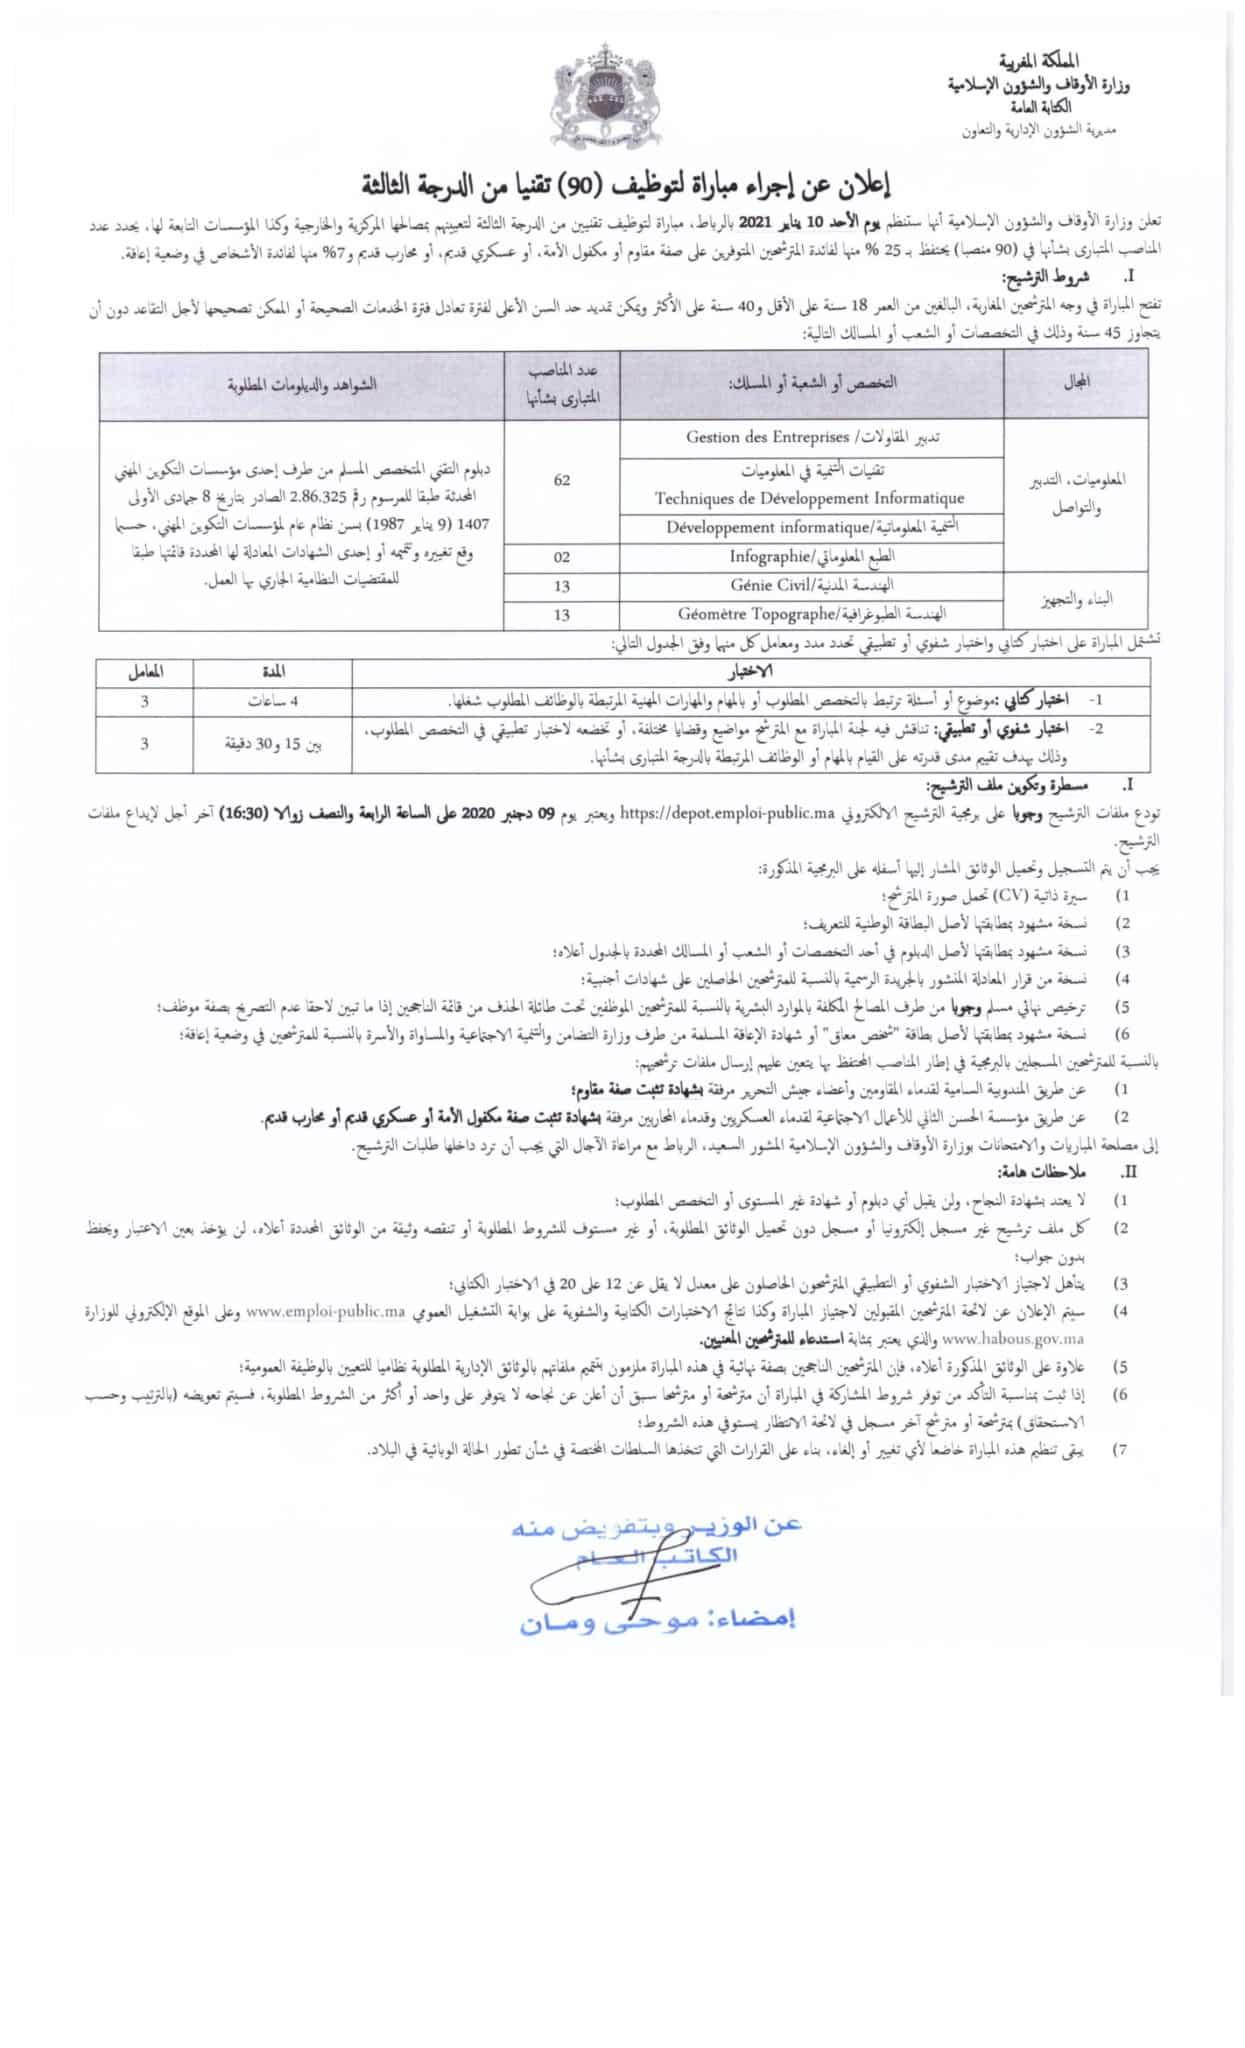 وزارة الأوقاف والشؤون الإسلامية مباراة توظيف 118 منصب تقنيين و اطر في عدة تخصصات آخر أجل 9 دجنبر 2020 Le_min12